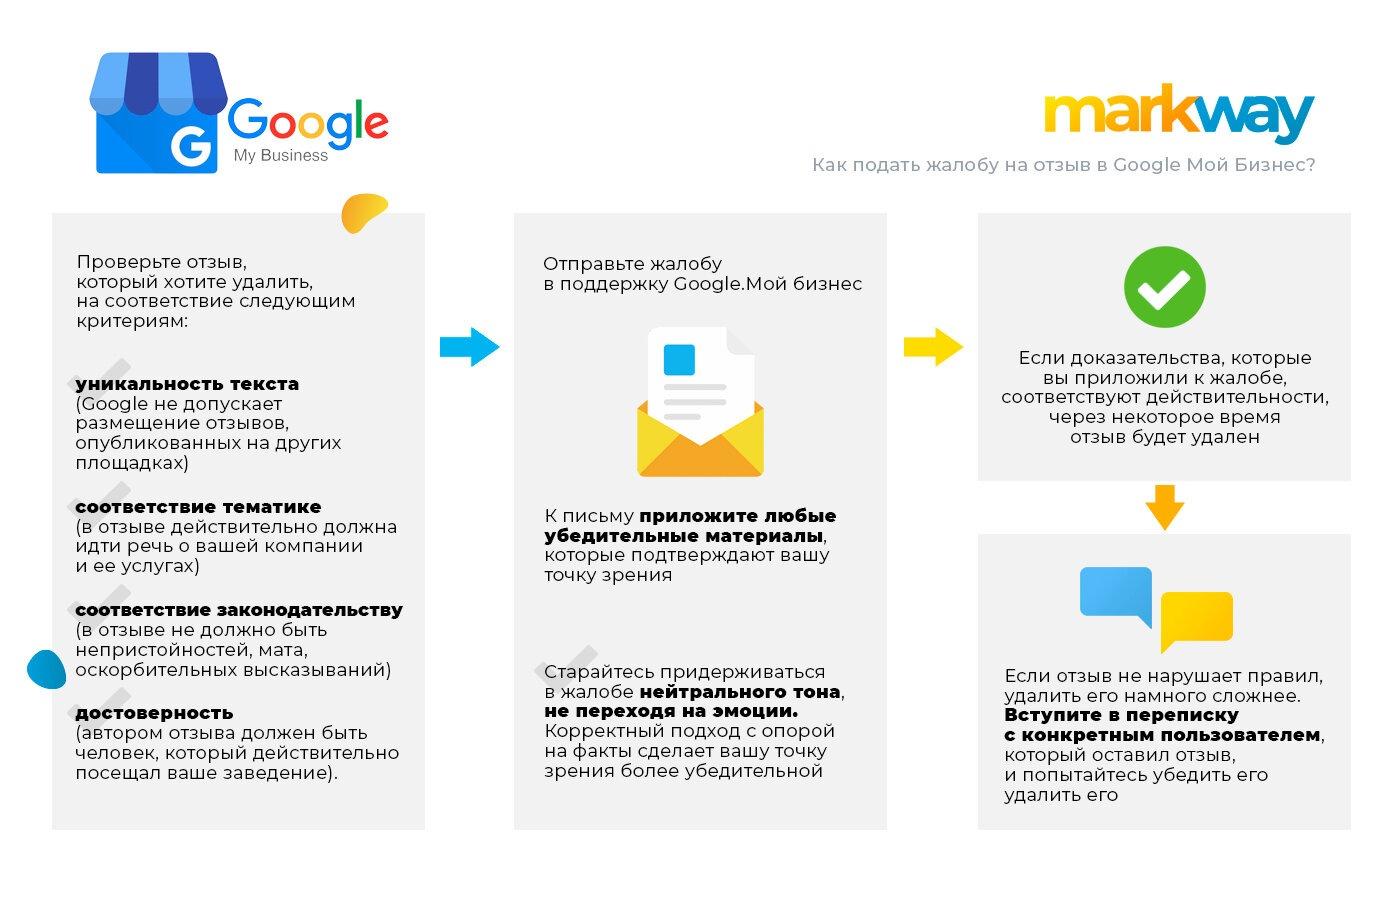 жалобы на отзывы в Google